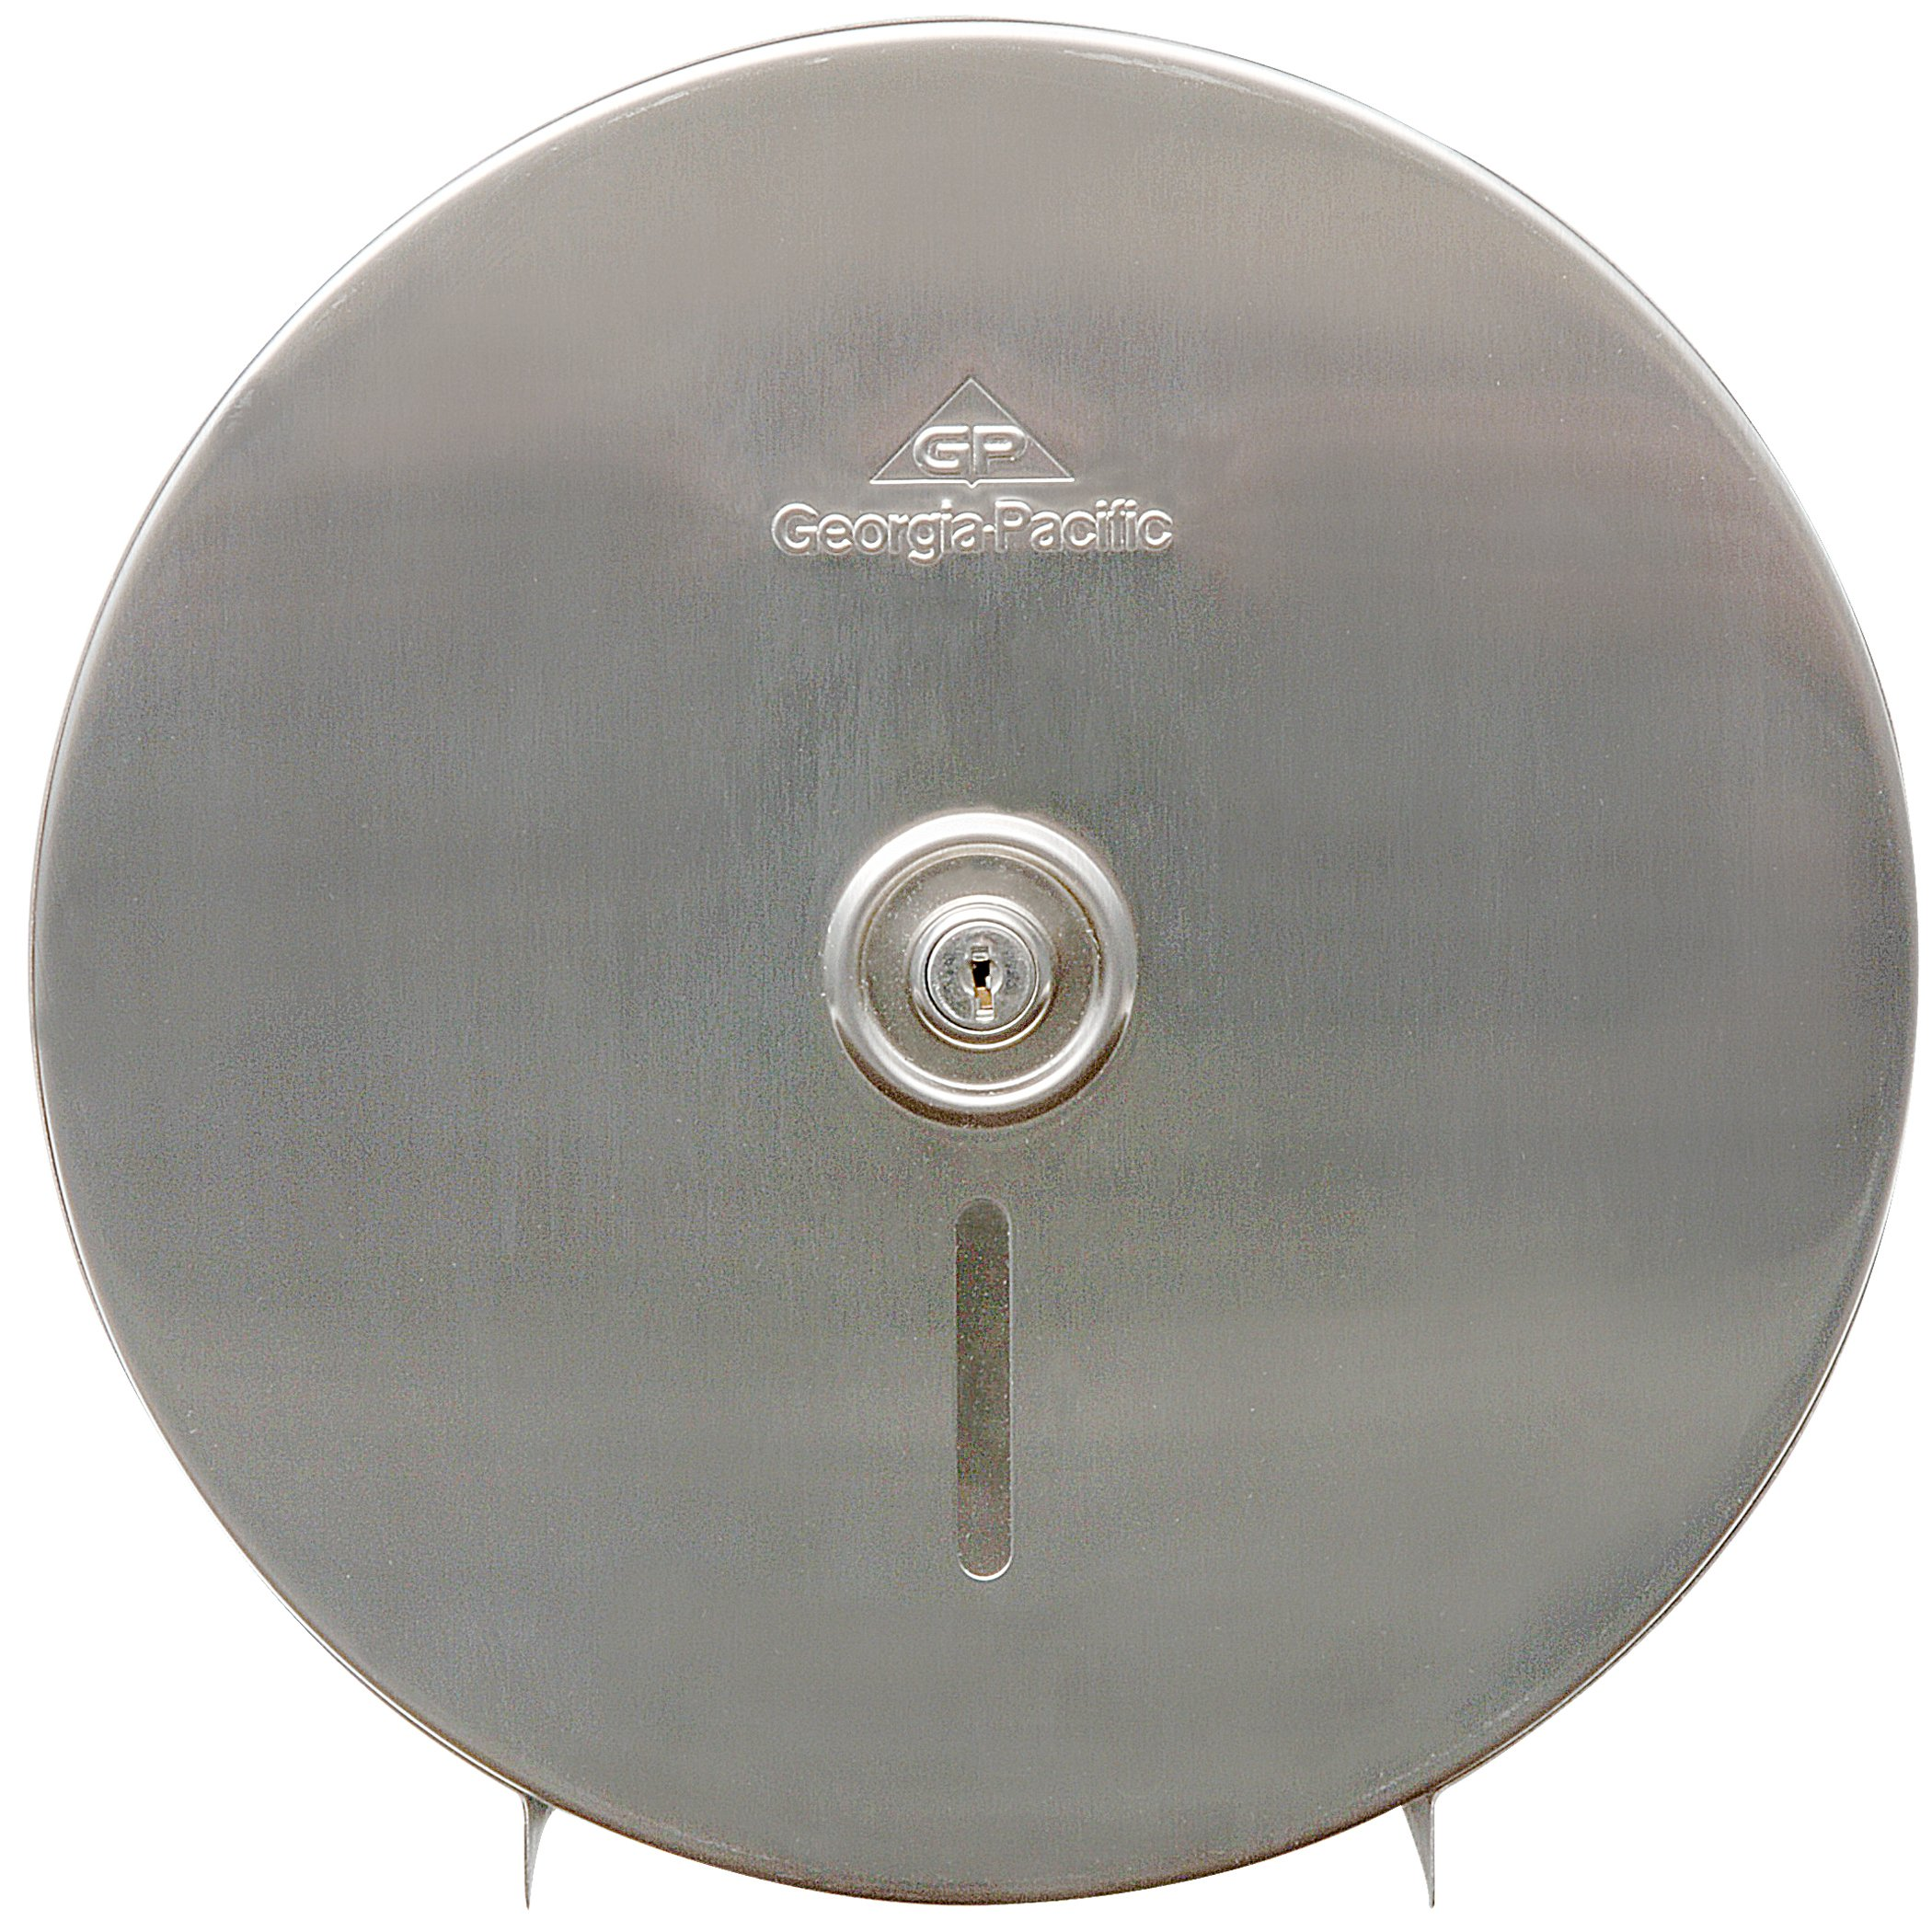 """Georgia Pacific 594-48 Stainless Steel Jumbo Roll Tissue Dispenser, 10 3/4"""" Diameter, 4.44""""d"""